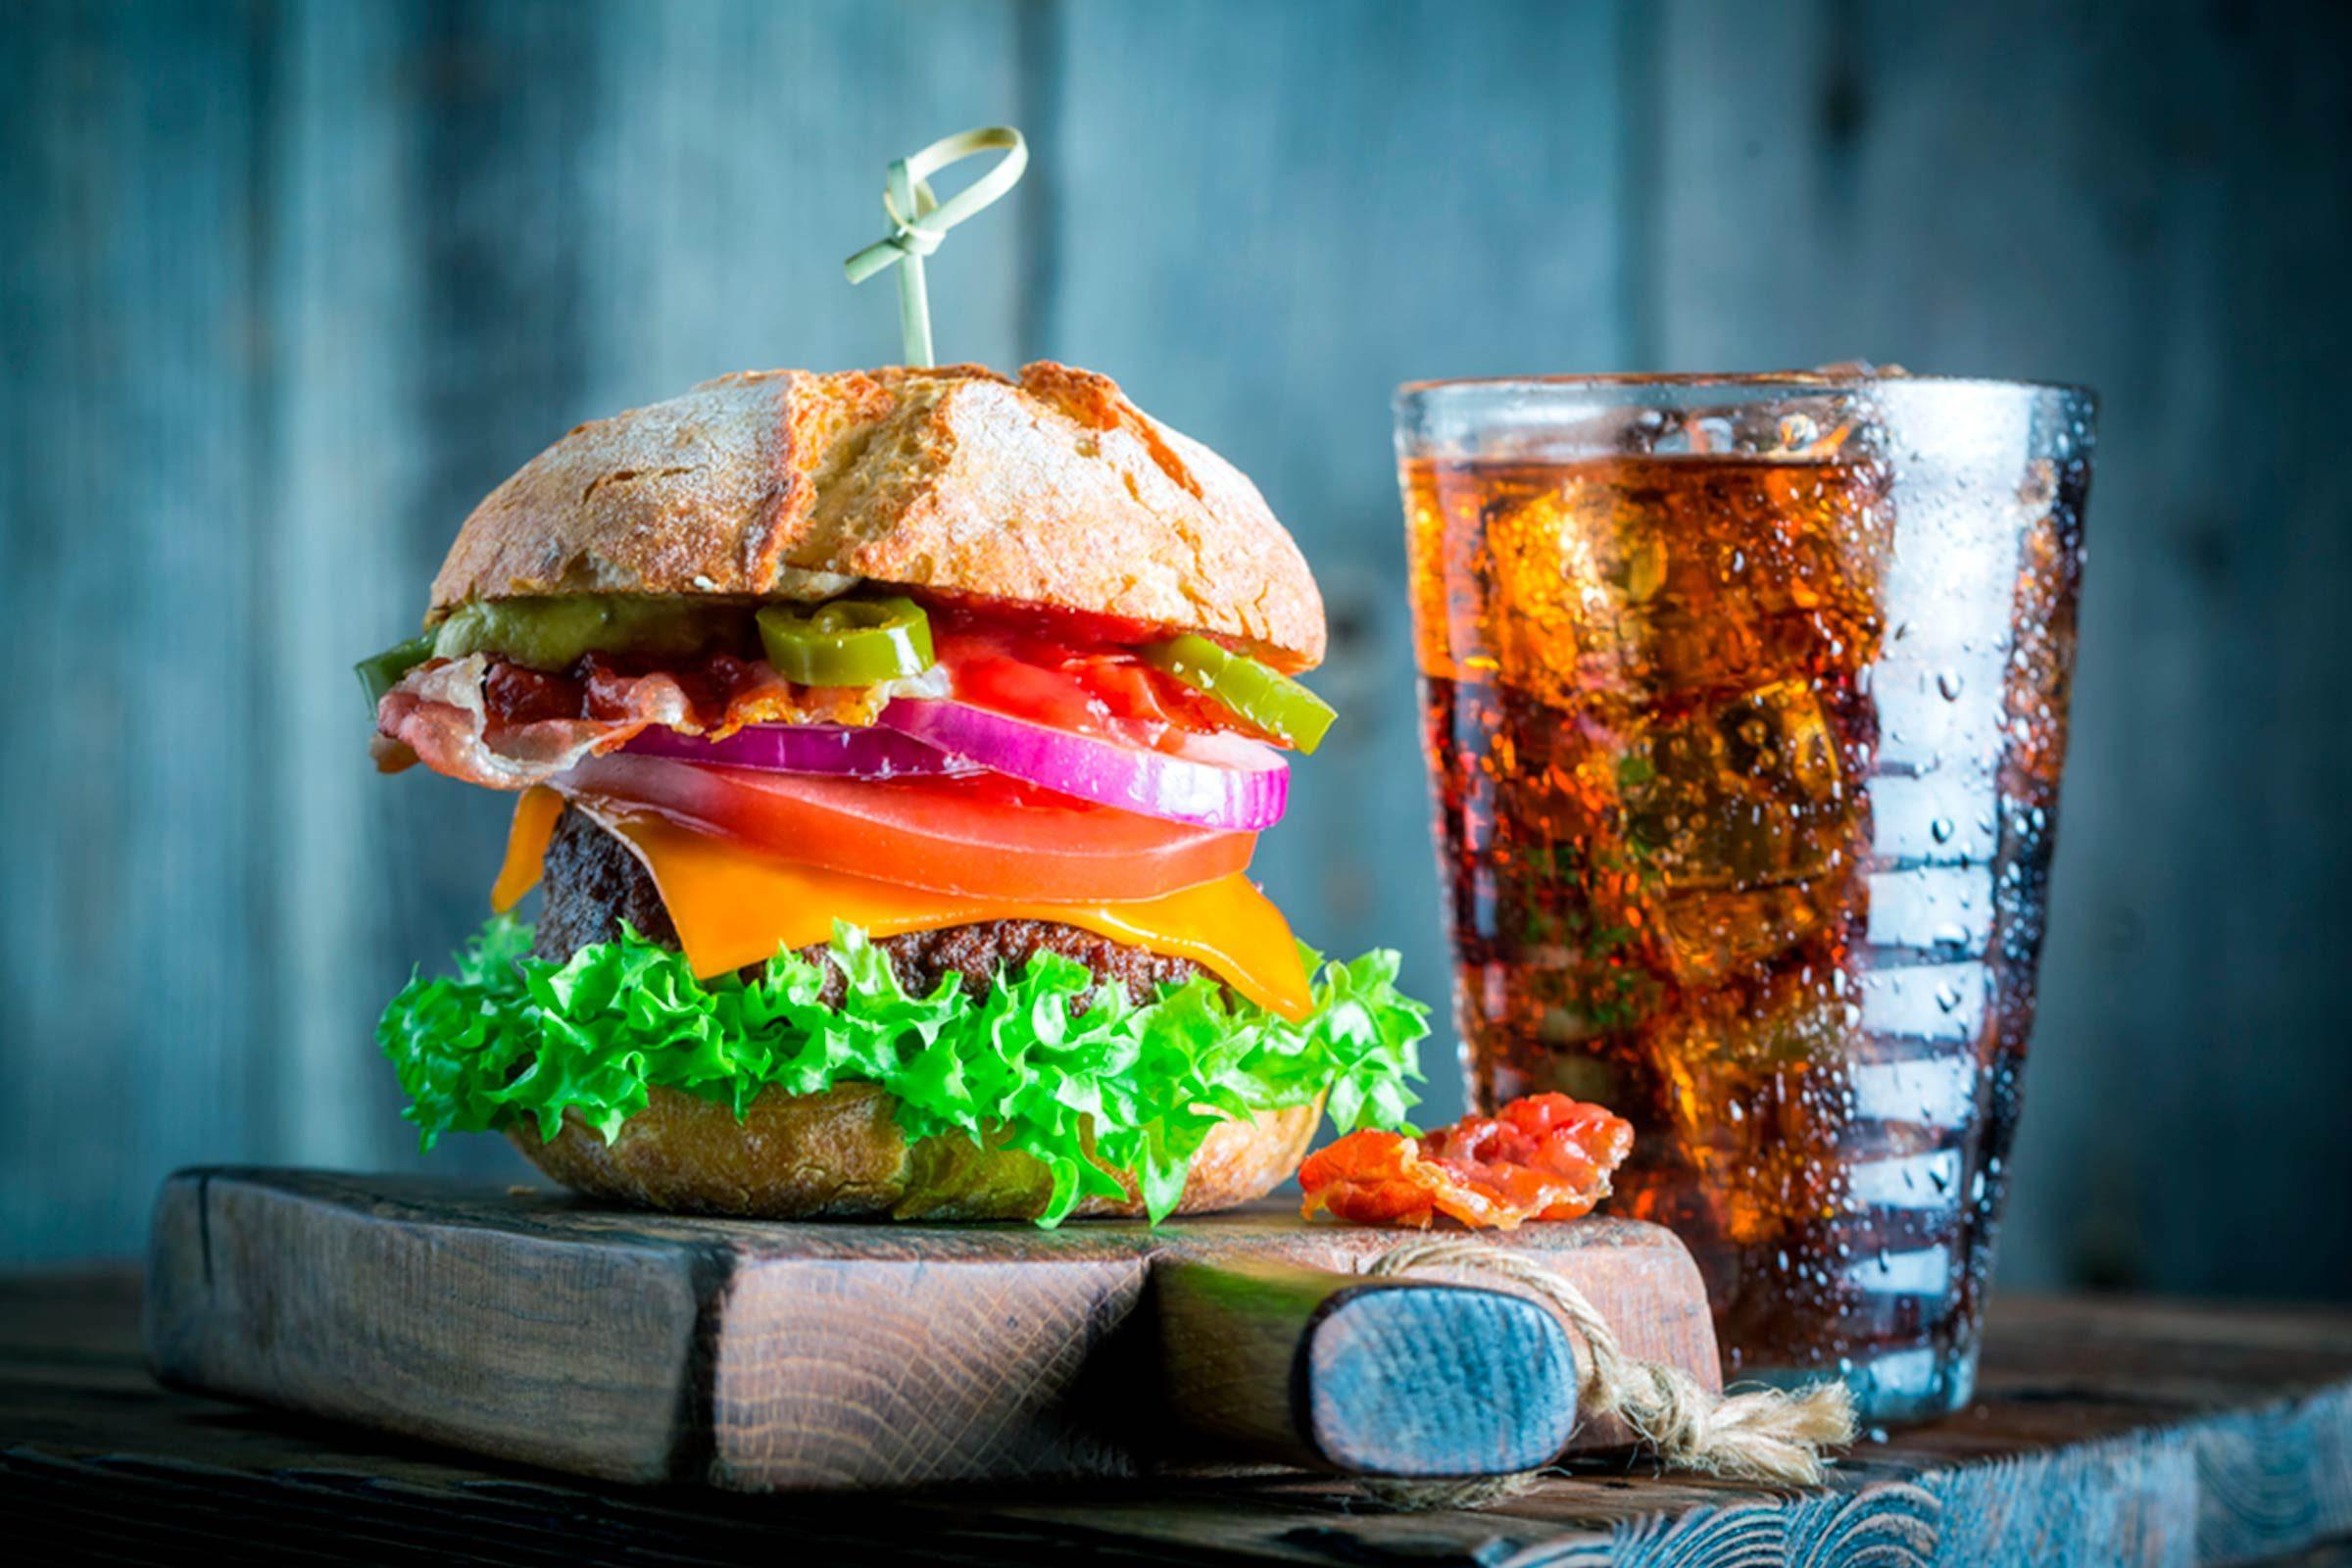 burger and soda